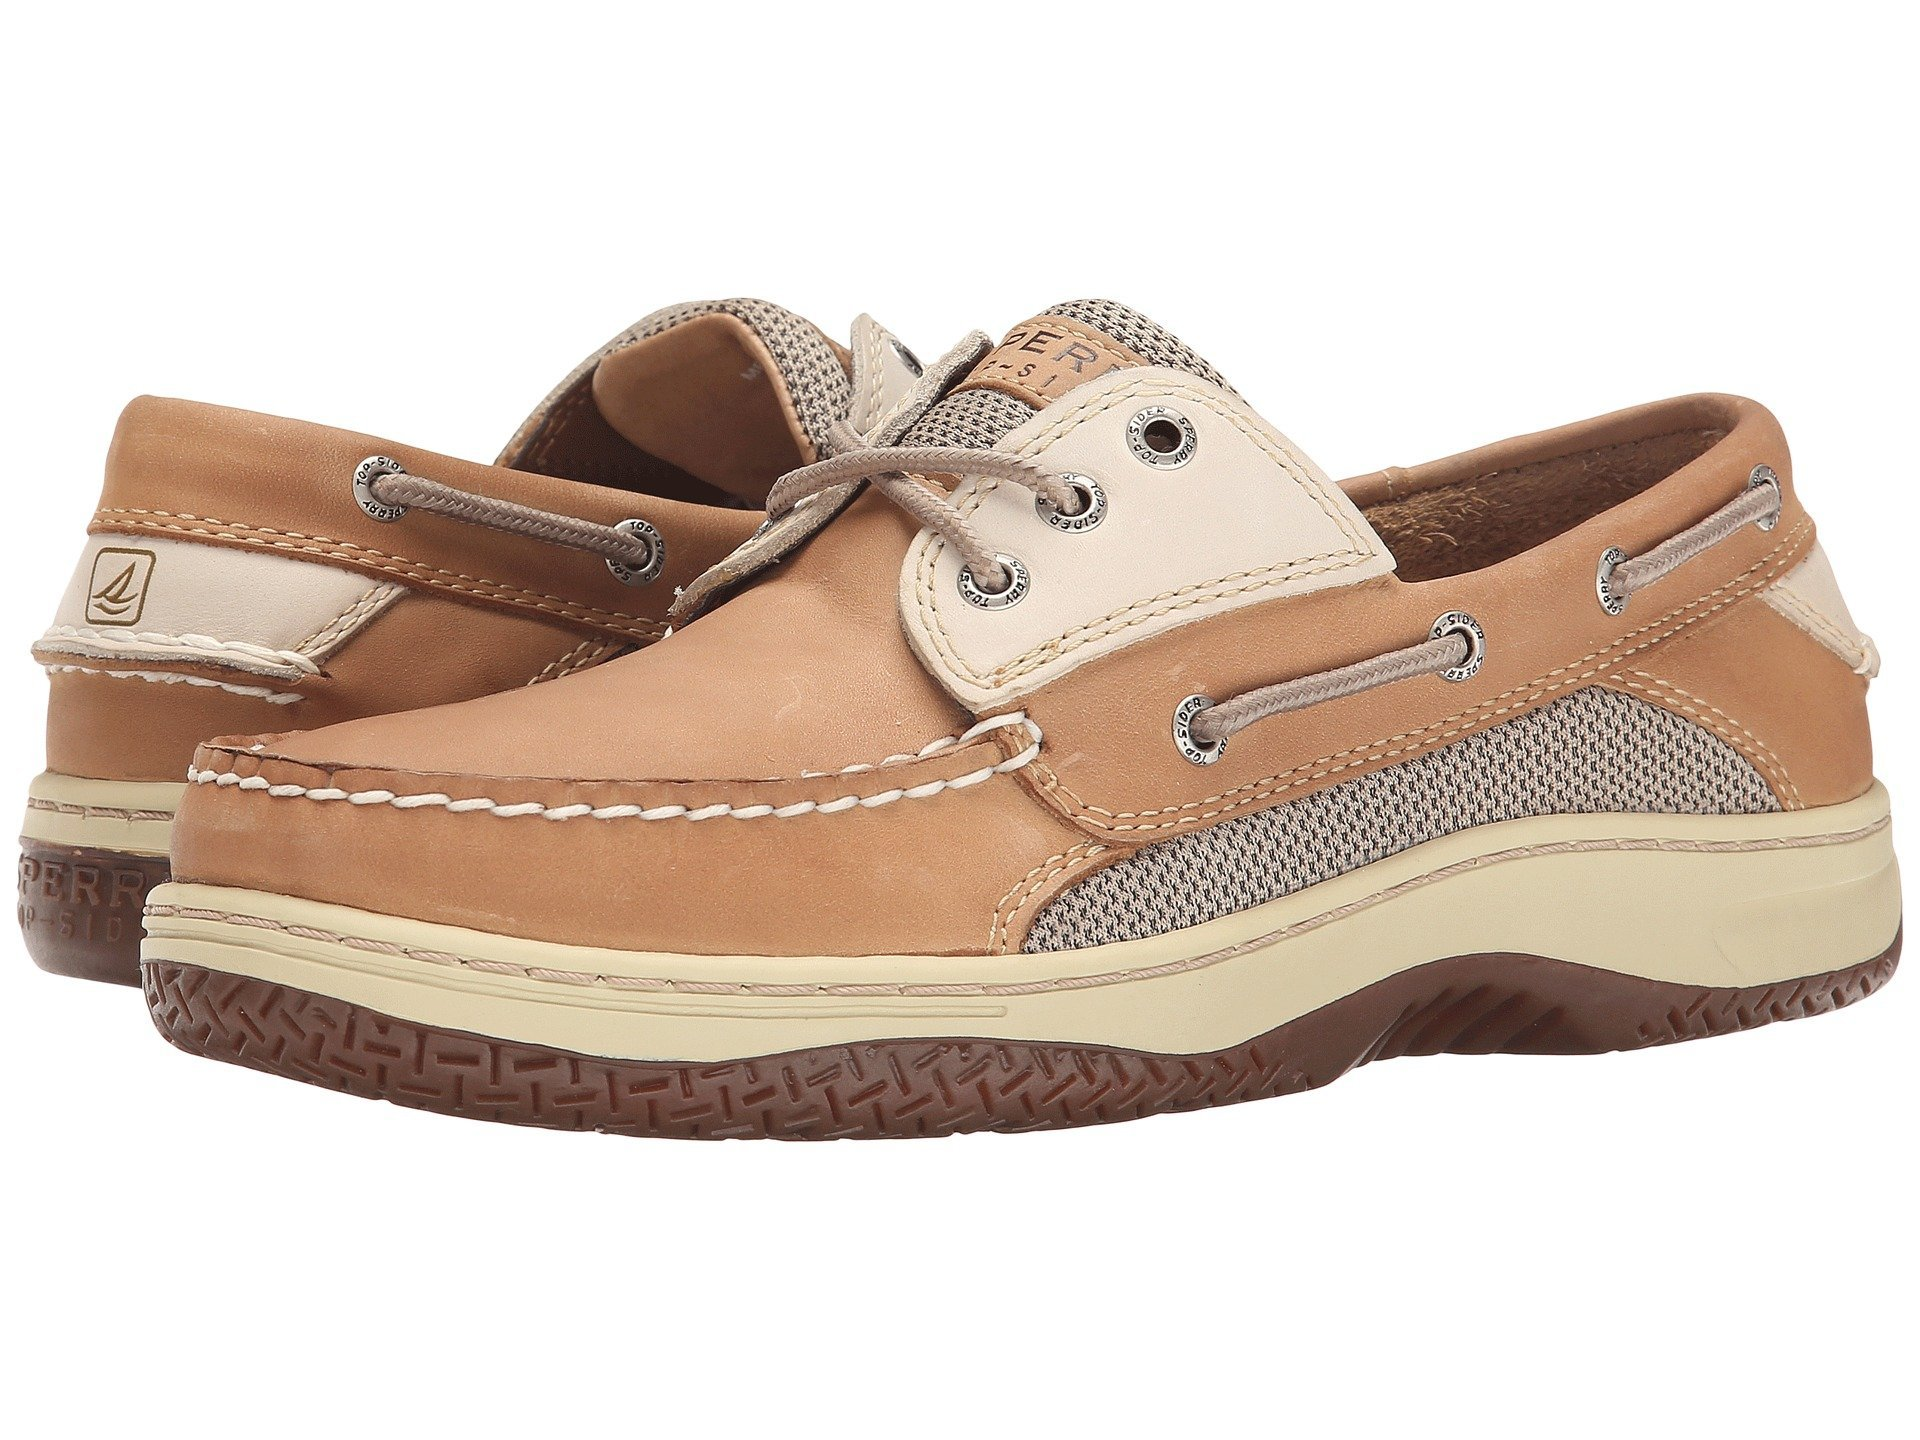 Sperry Top-Sider Men's Billfish 3-Eye Boat Shoe Tan Beige